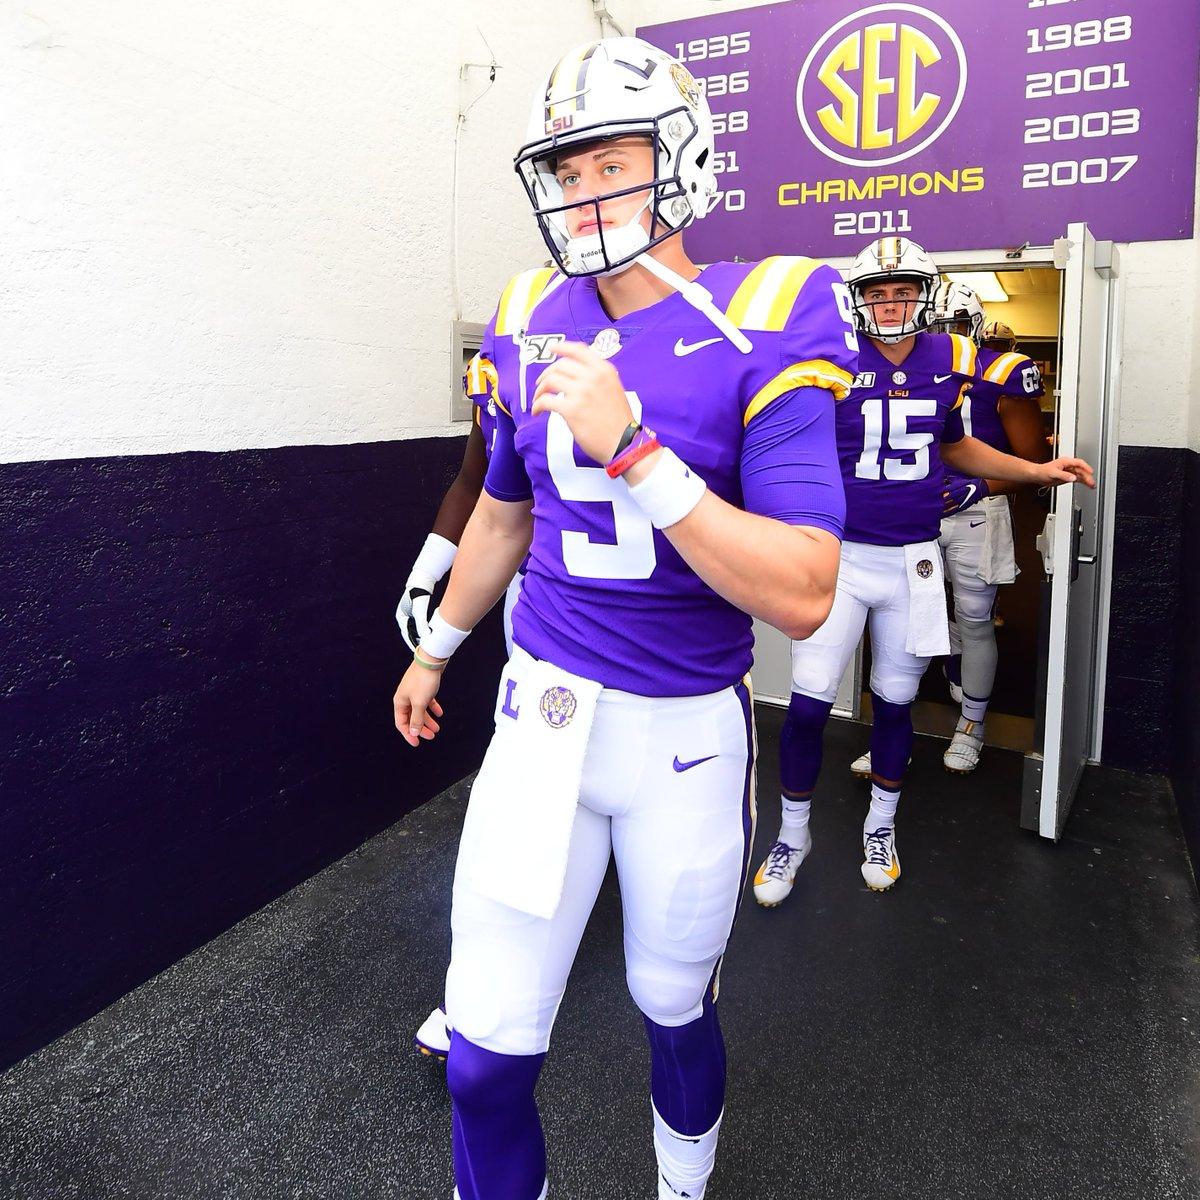 Your Starting Quarterback. A Senior from Athens, Ohio. Joe. Burrow.